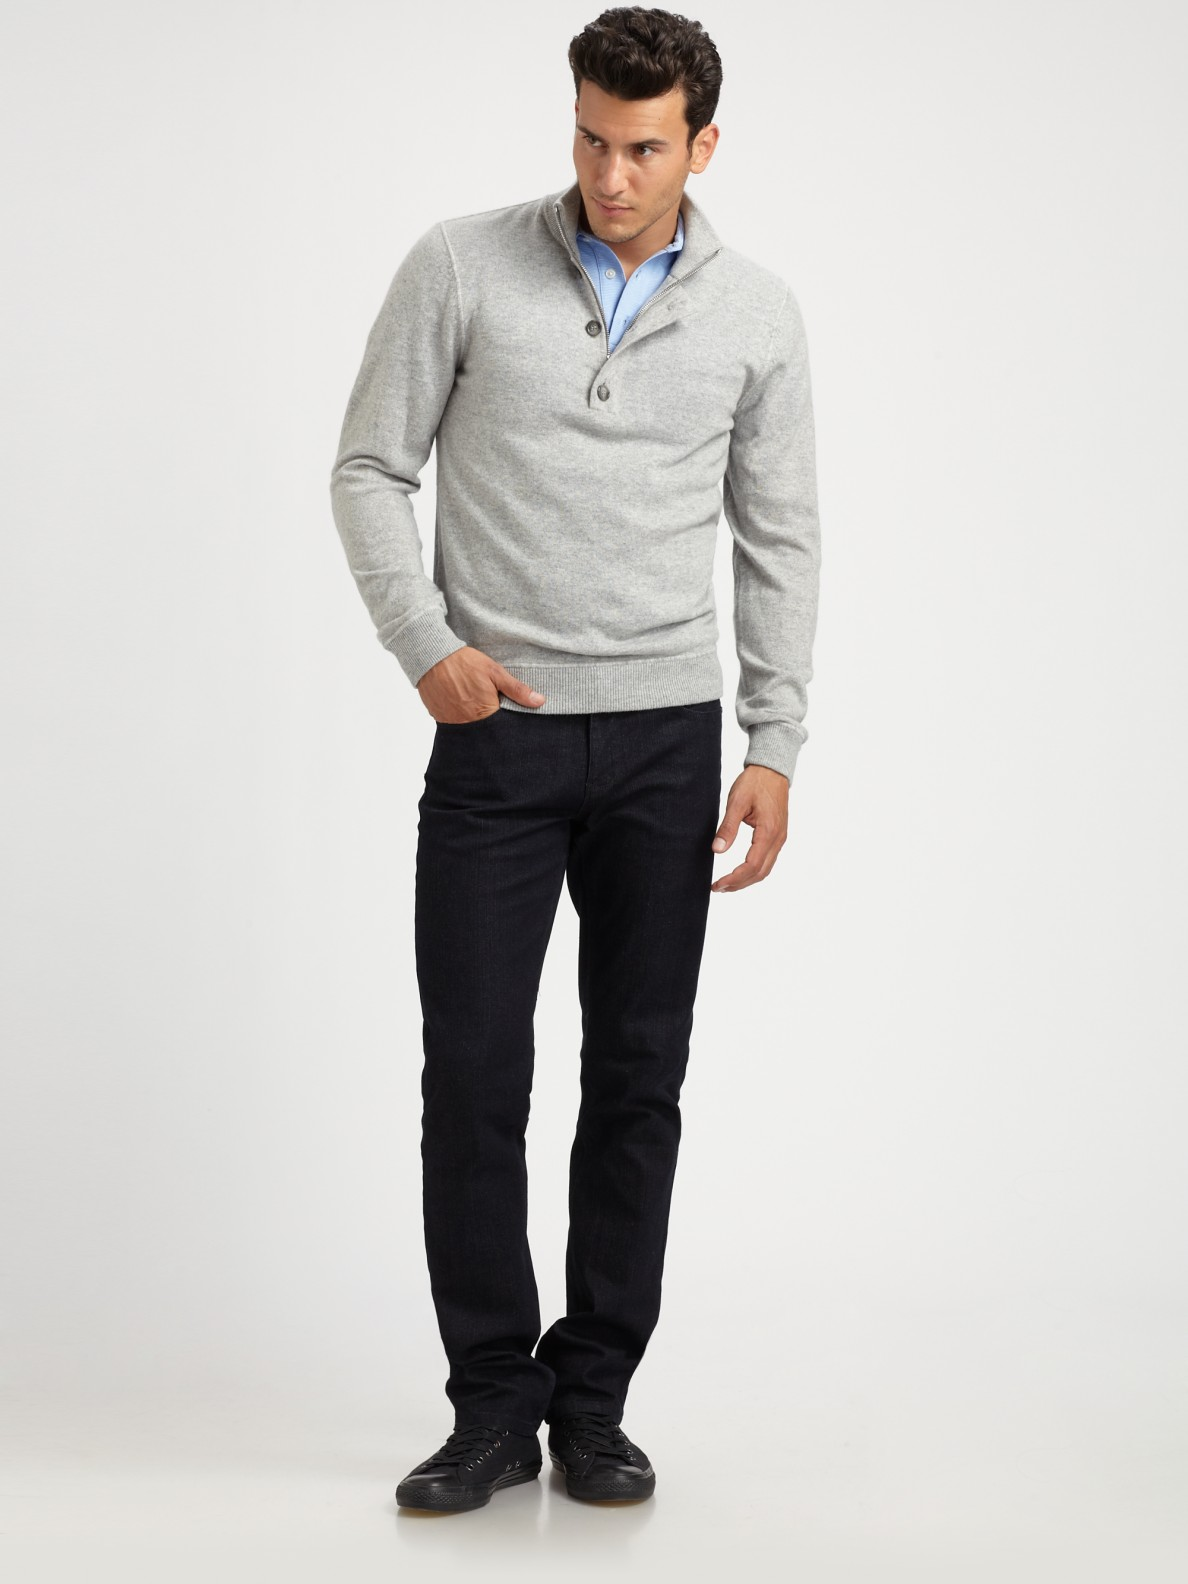 Michael kors Wool/cashmere Half-zip Sweater in Gray for Men | Lyst